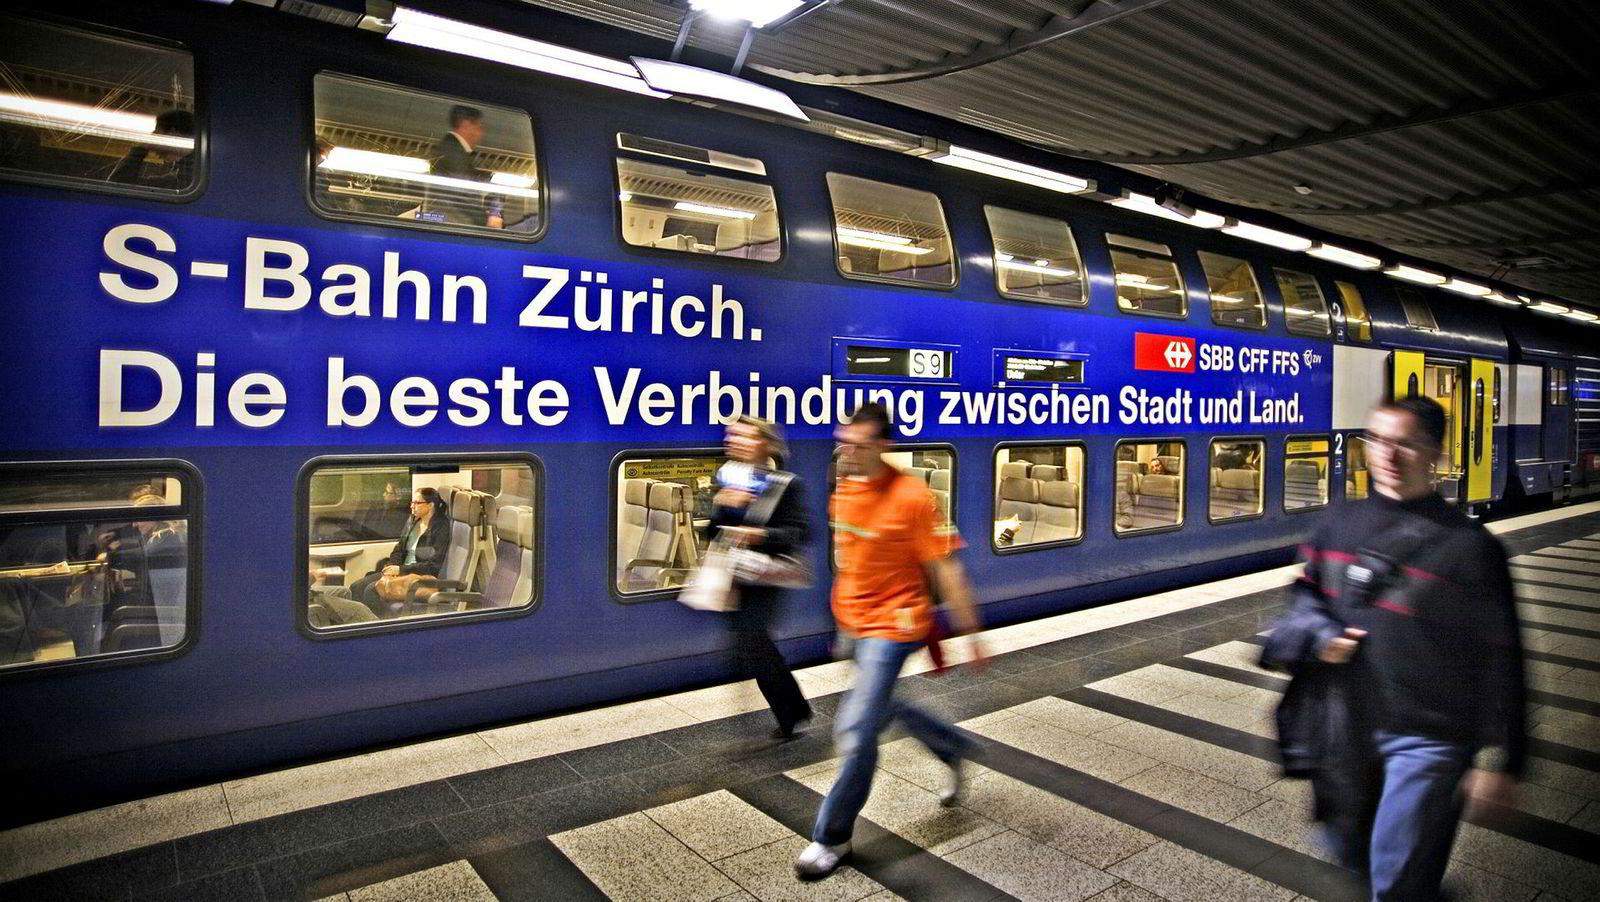 Sveits er blant landene som benytter tog med to etasjer. Sveits er for øvrig det landet i Europa hvor folk kjører mest tog.